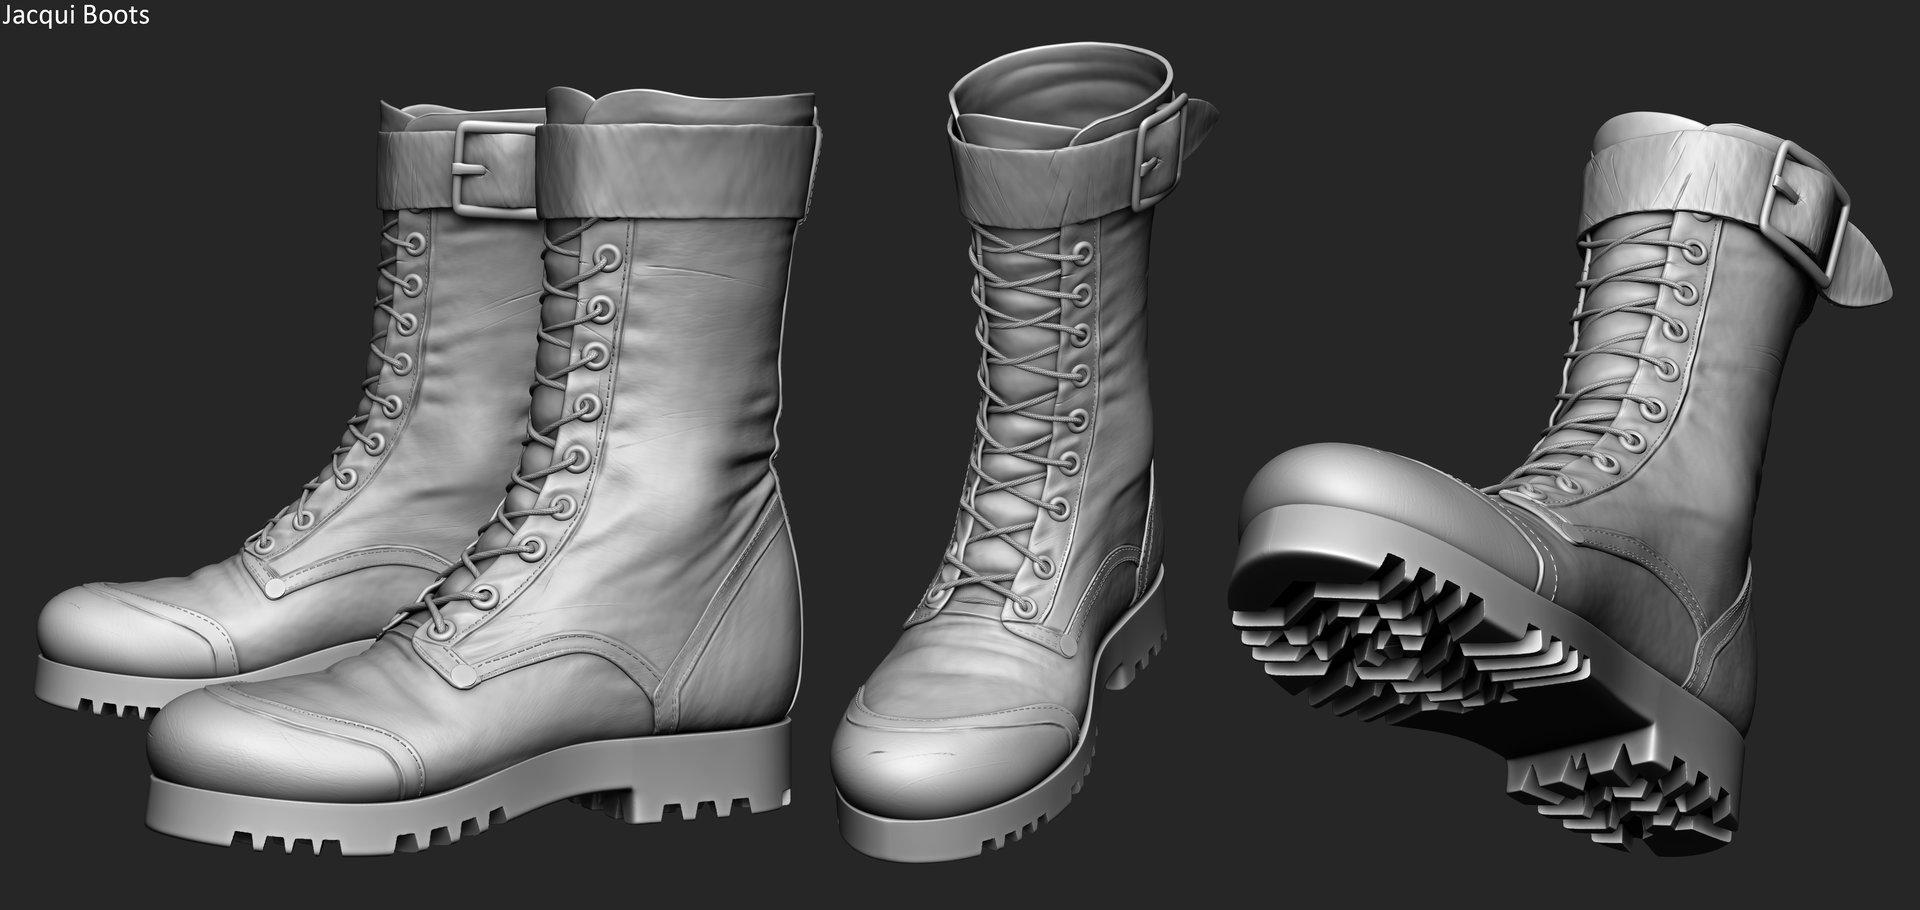 Solomon gaitan jacqui boots